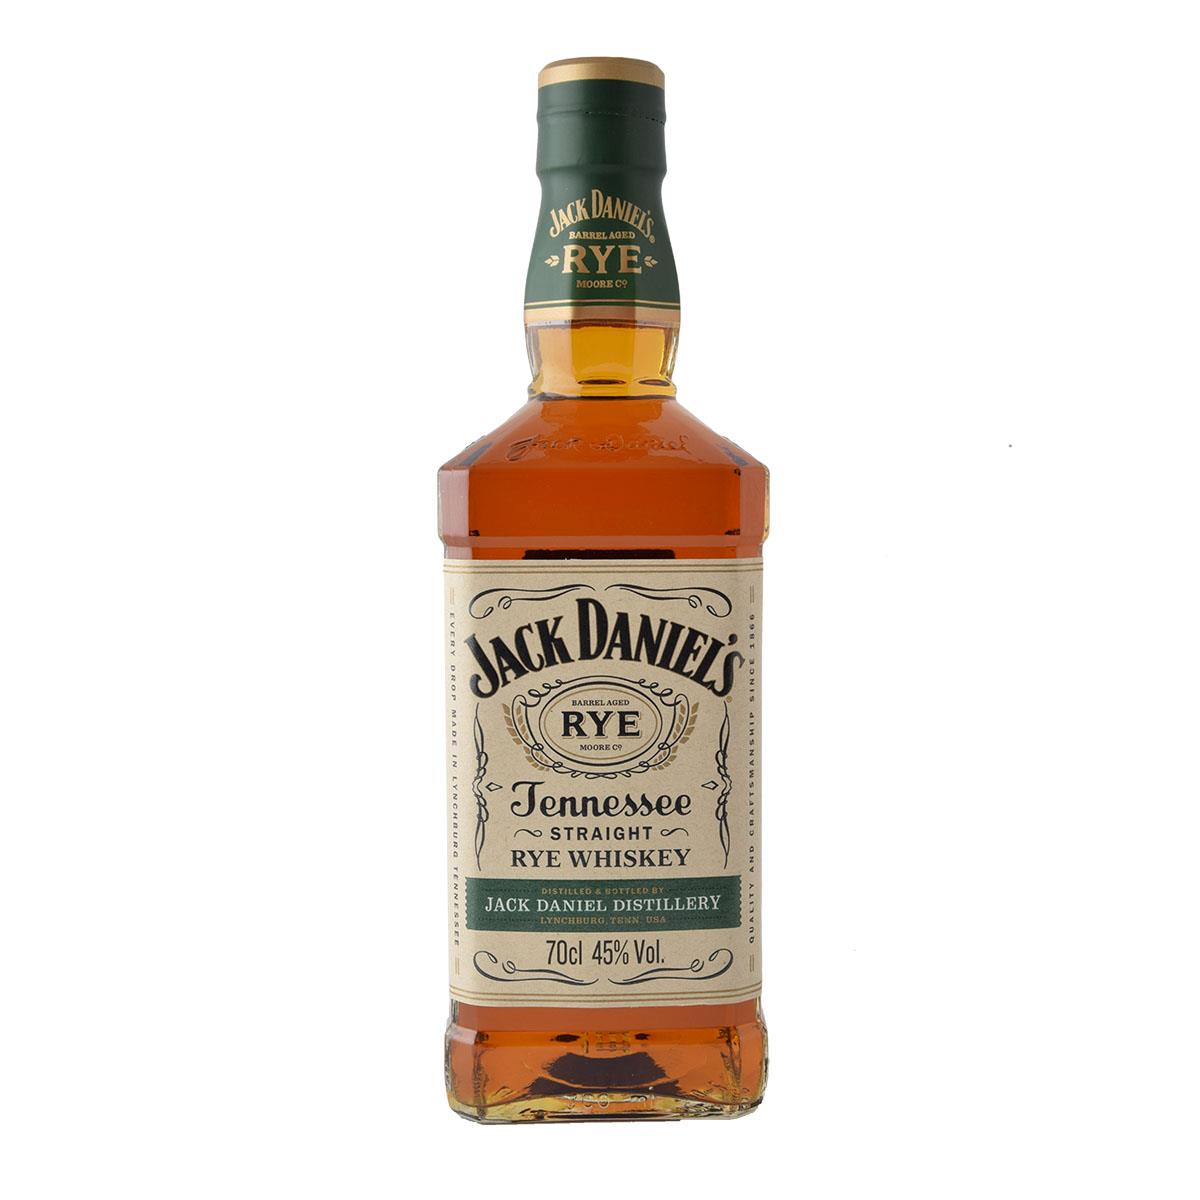 Jack Daniels Rye 700ml